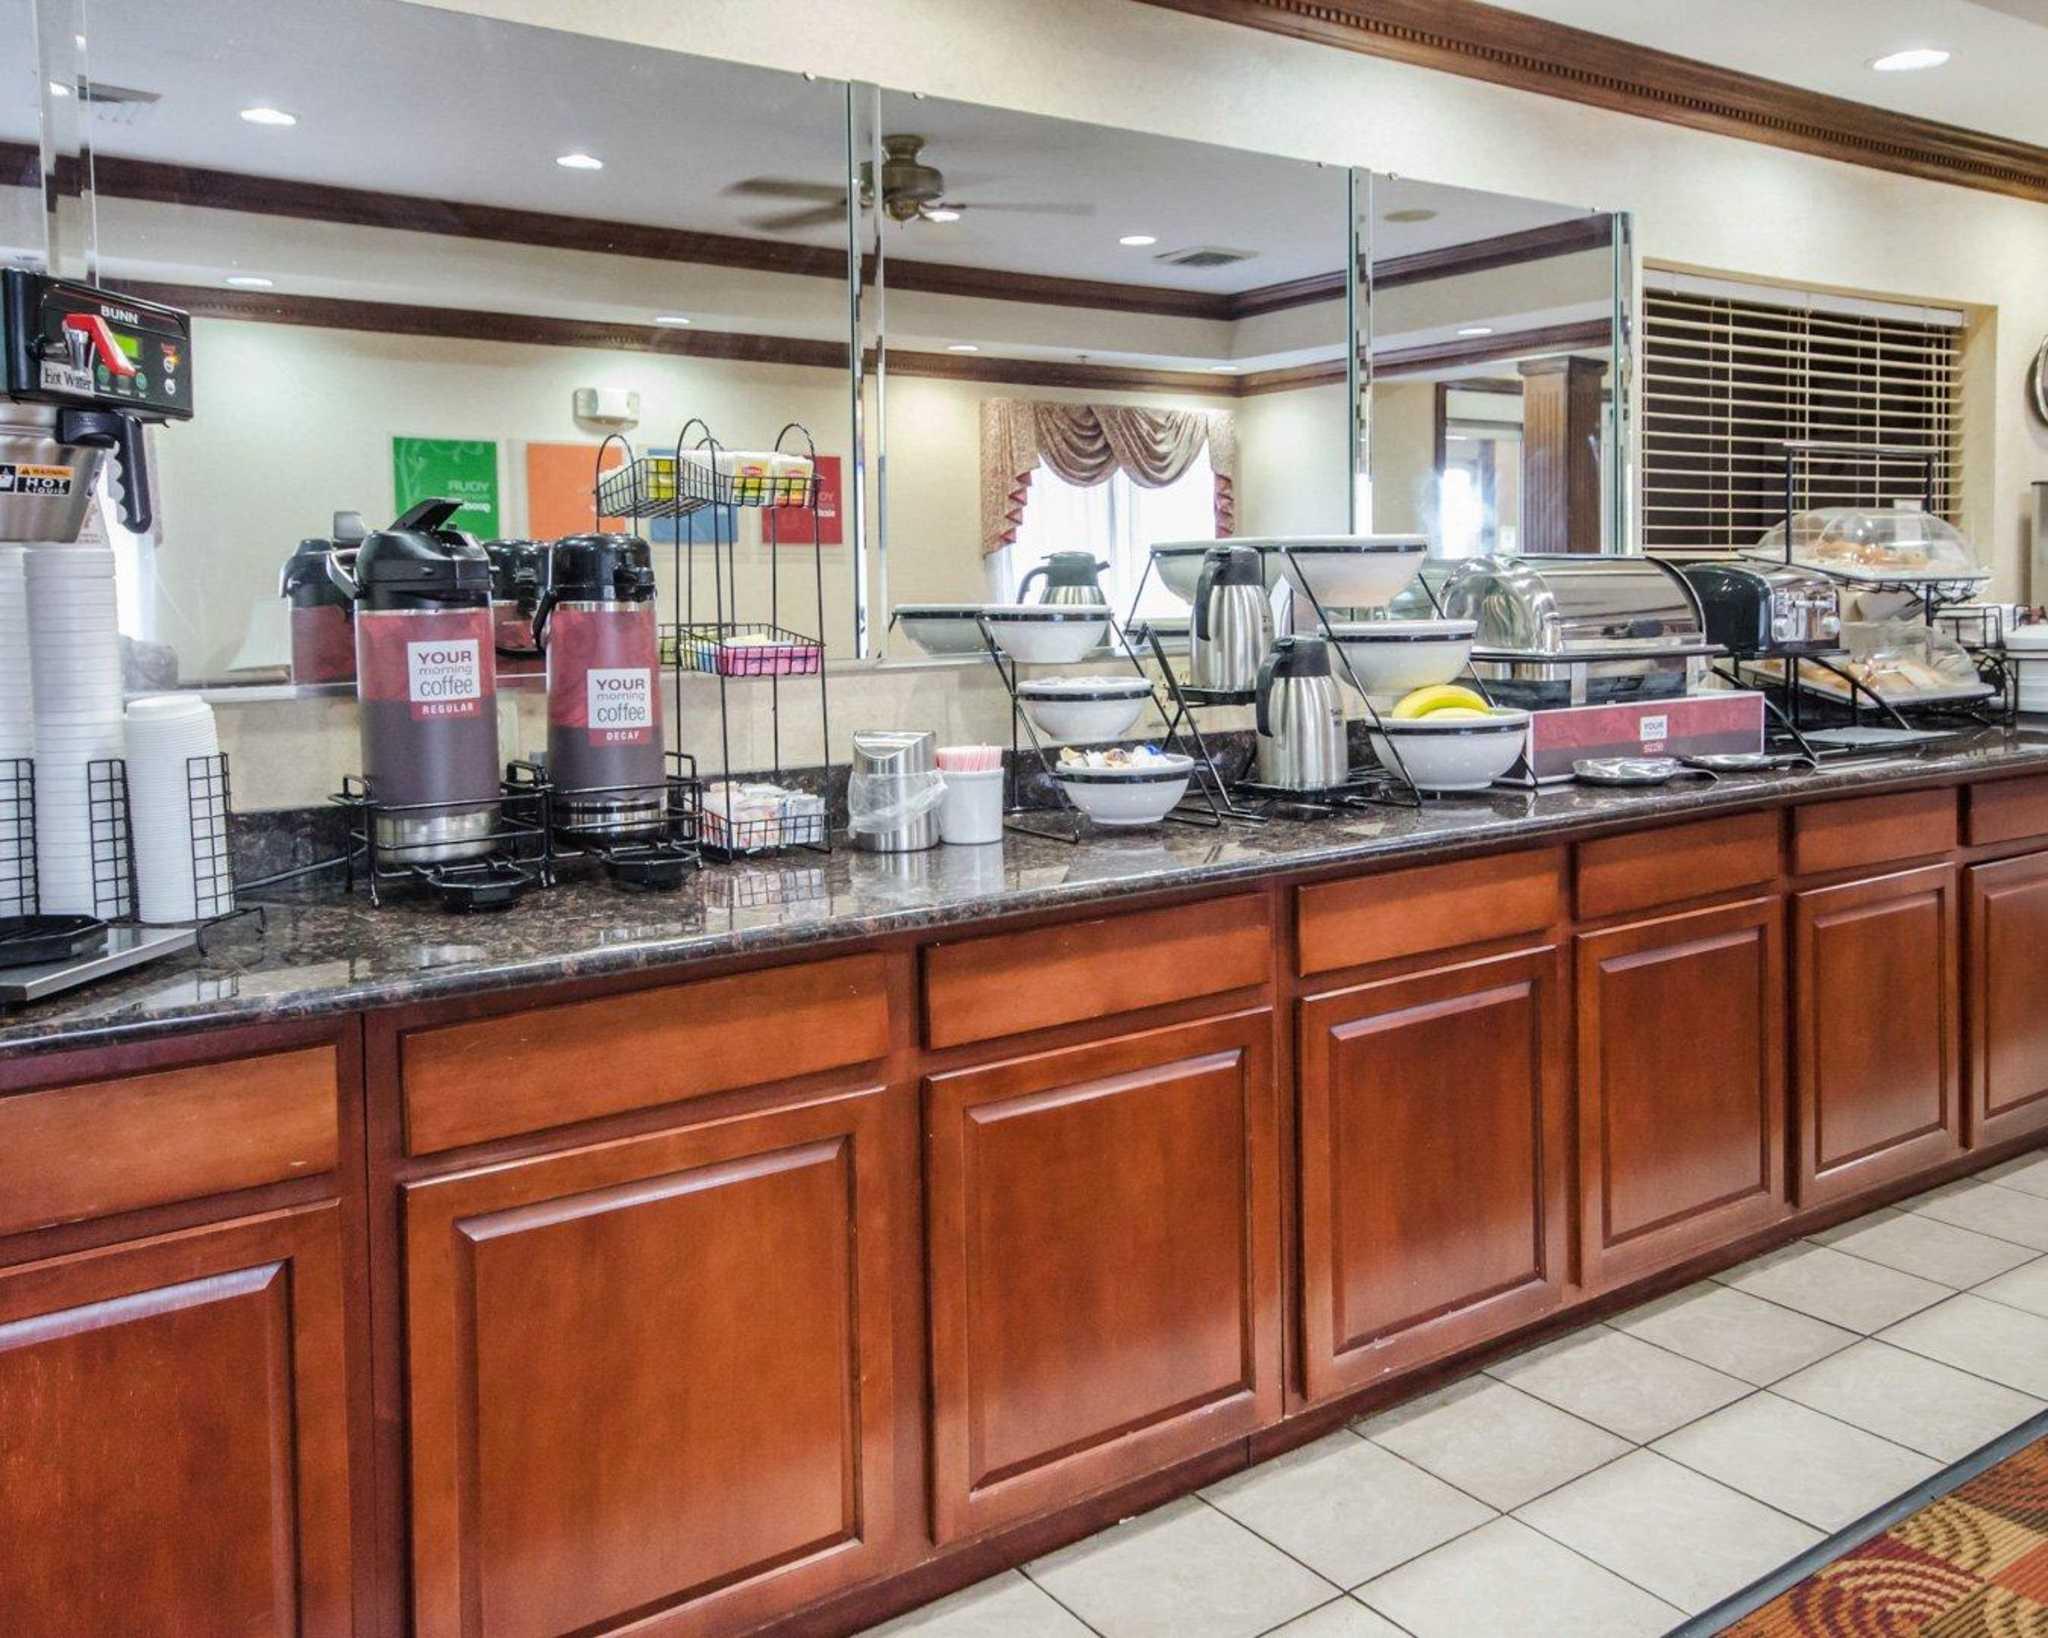 Comfort Inn in Henderson, KY 42420 - ChamberofCommerce.com